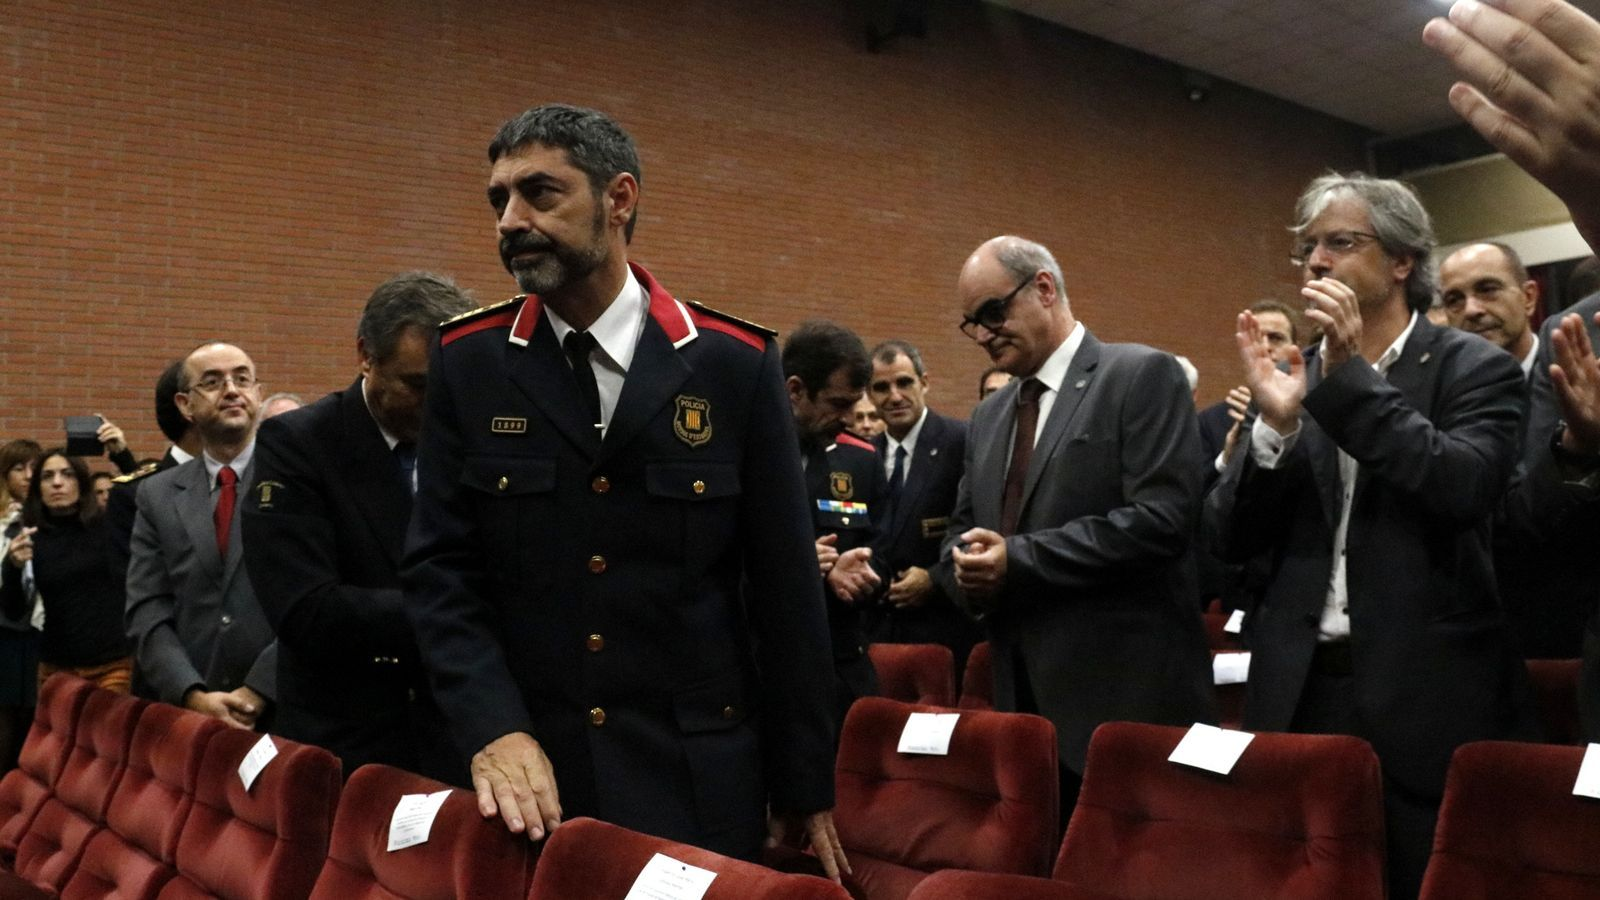 El major dels Mossos d'Esquadra, Josep Lluís Trapero, alçat després de rebre un esclat d'aplaudiments dels assistents a la inauguració del curs acadèmic de l'ISPC